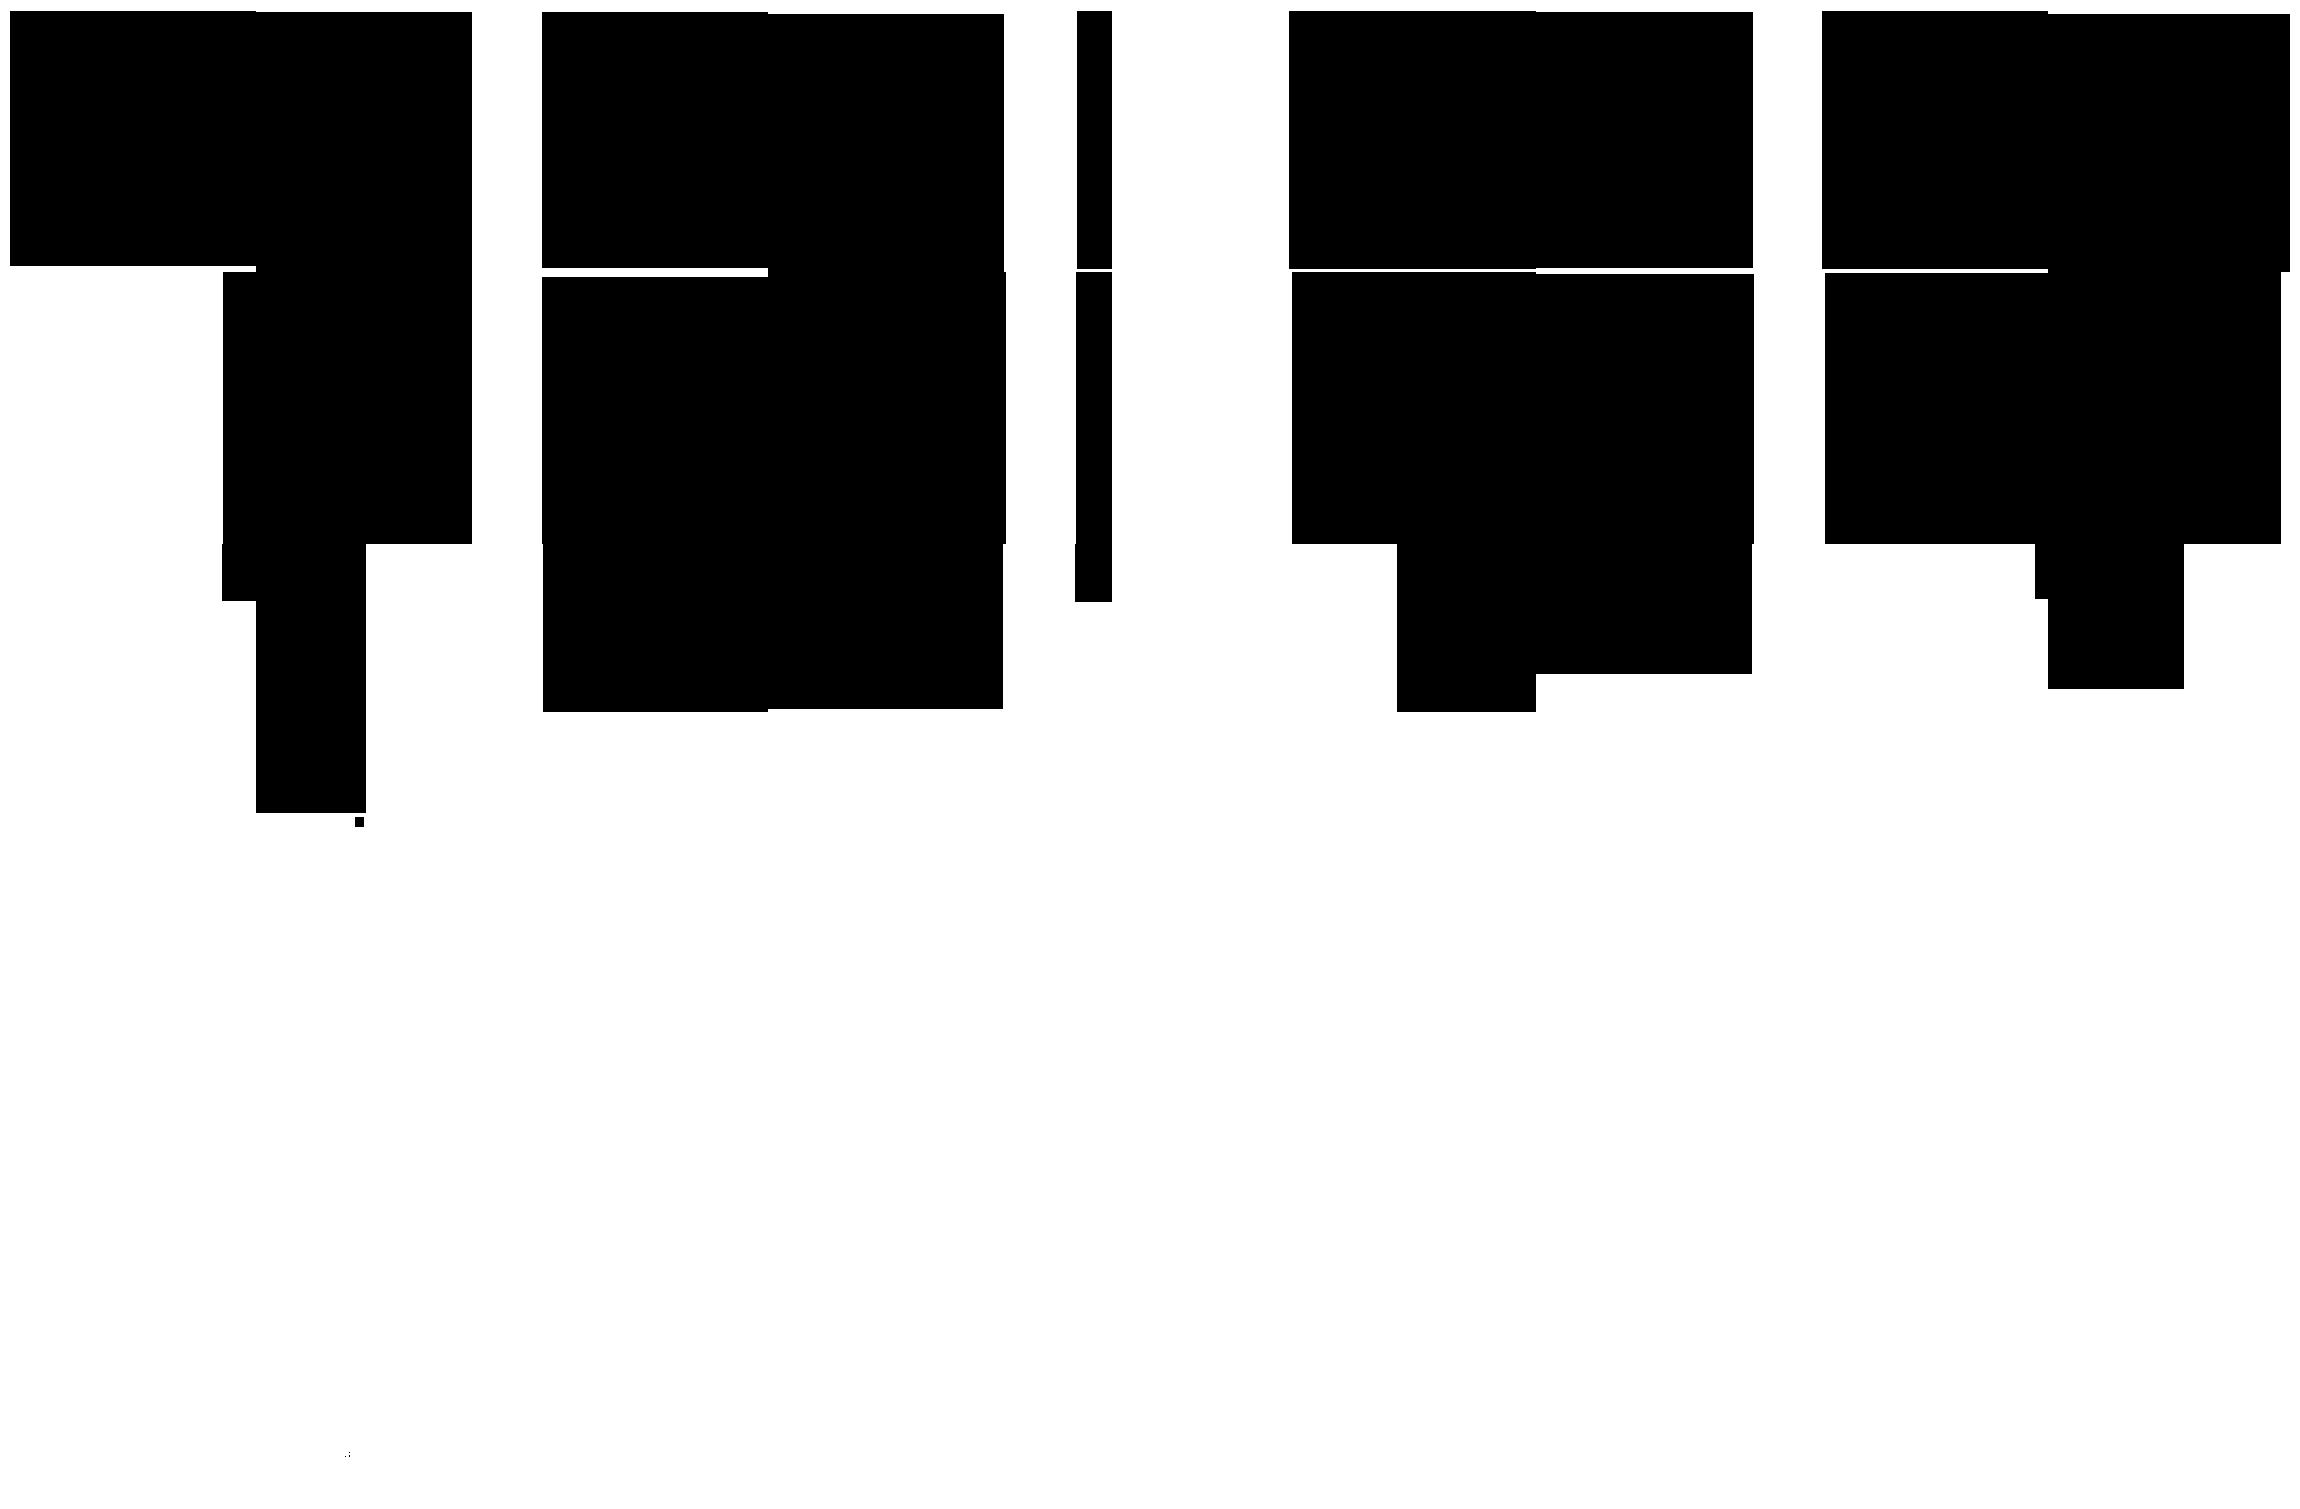 森本詩20140207-1